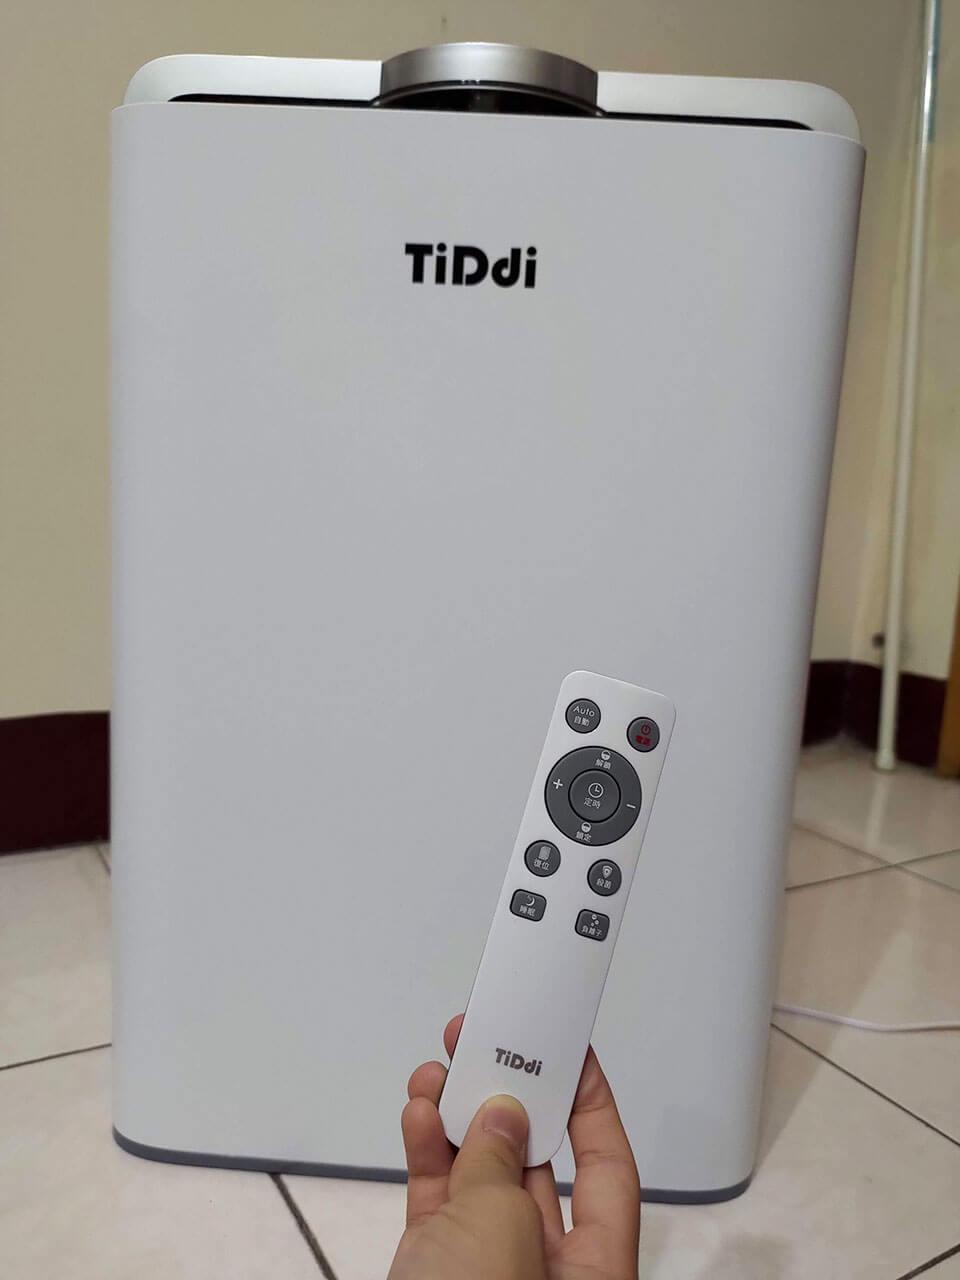 TiDdi空氣清淨機與遙控器